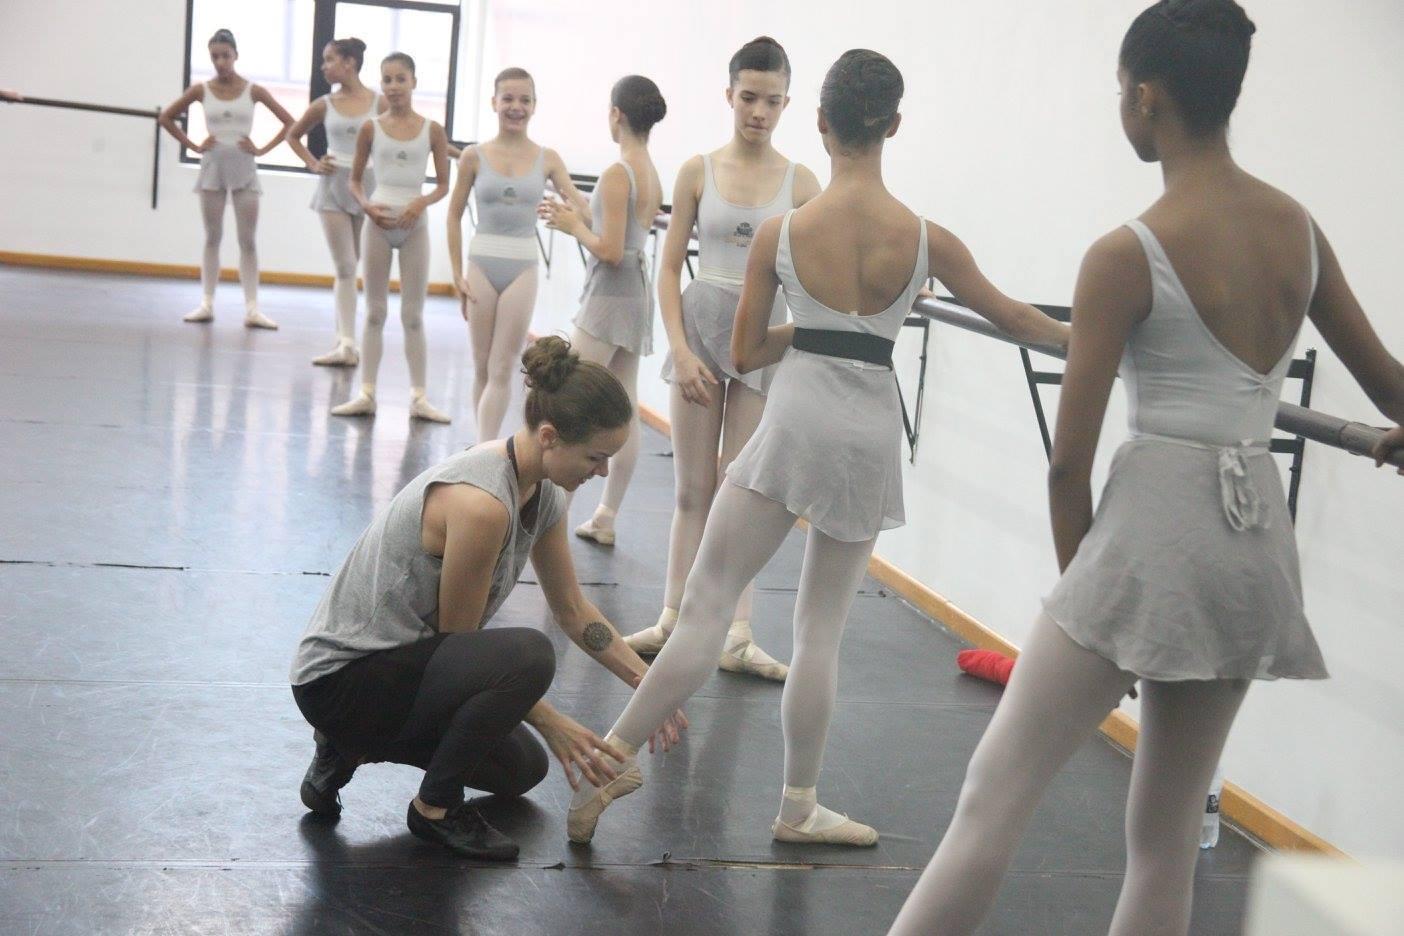 d7476e7e23 ... companhia de Ballet do Teatro Bolshoi na Rússia e que, este ano, foi  convidada a ser professora de balé clássico e de repertório na Escola do  Teatro ...